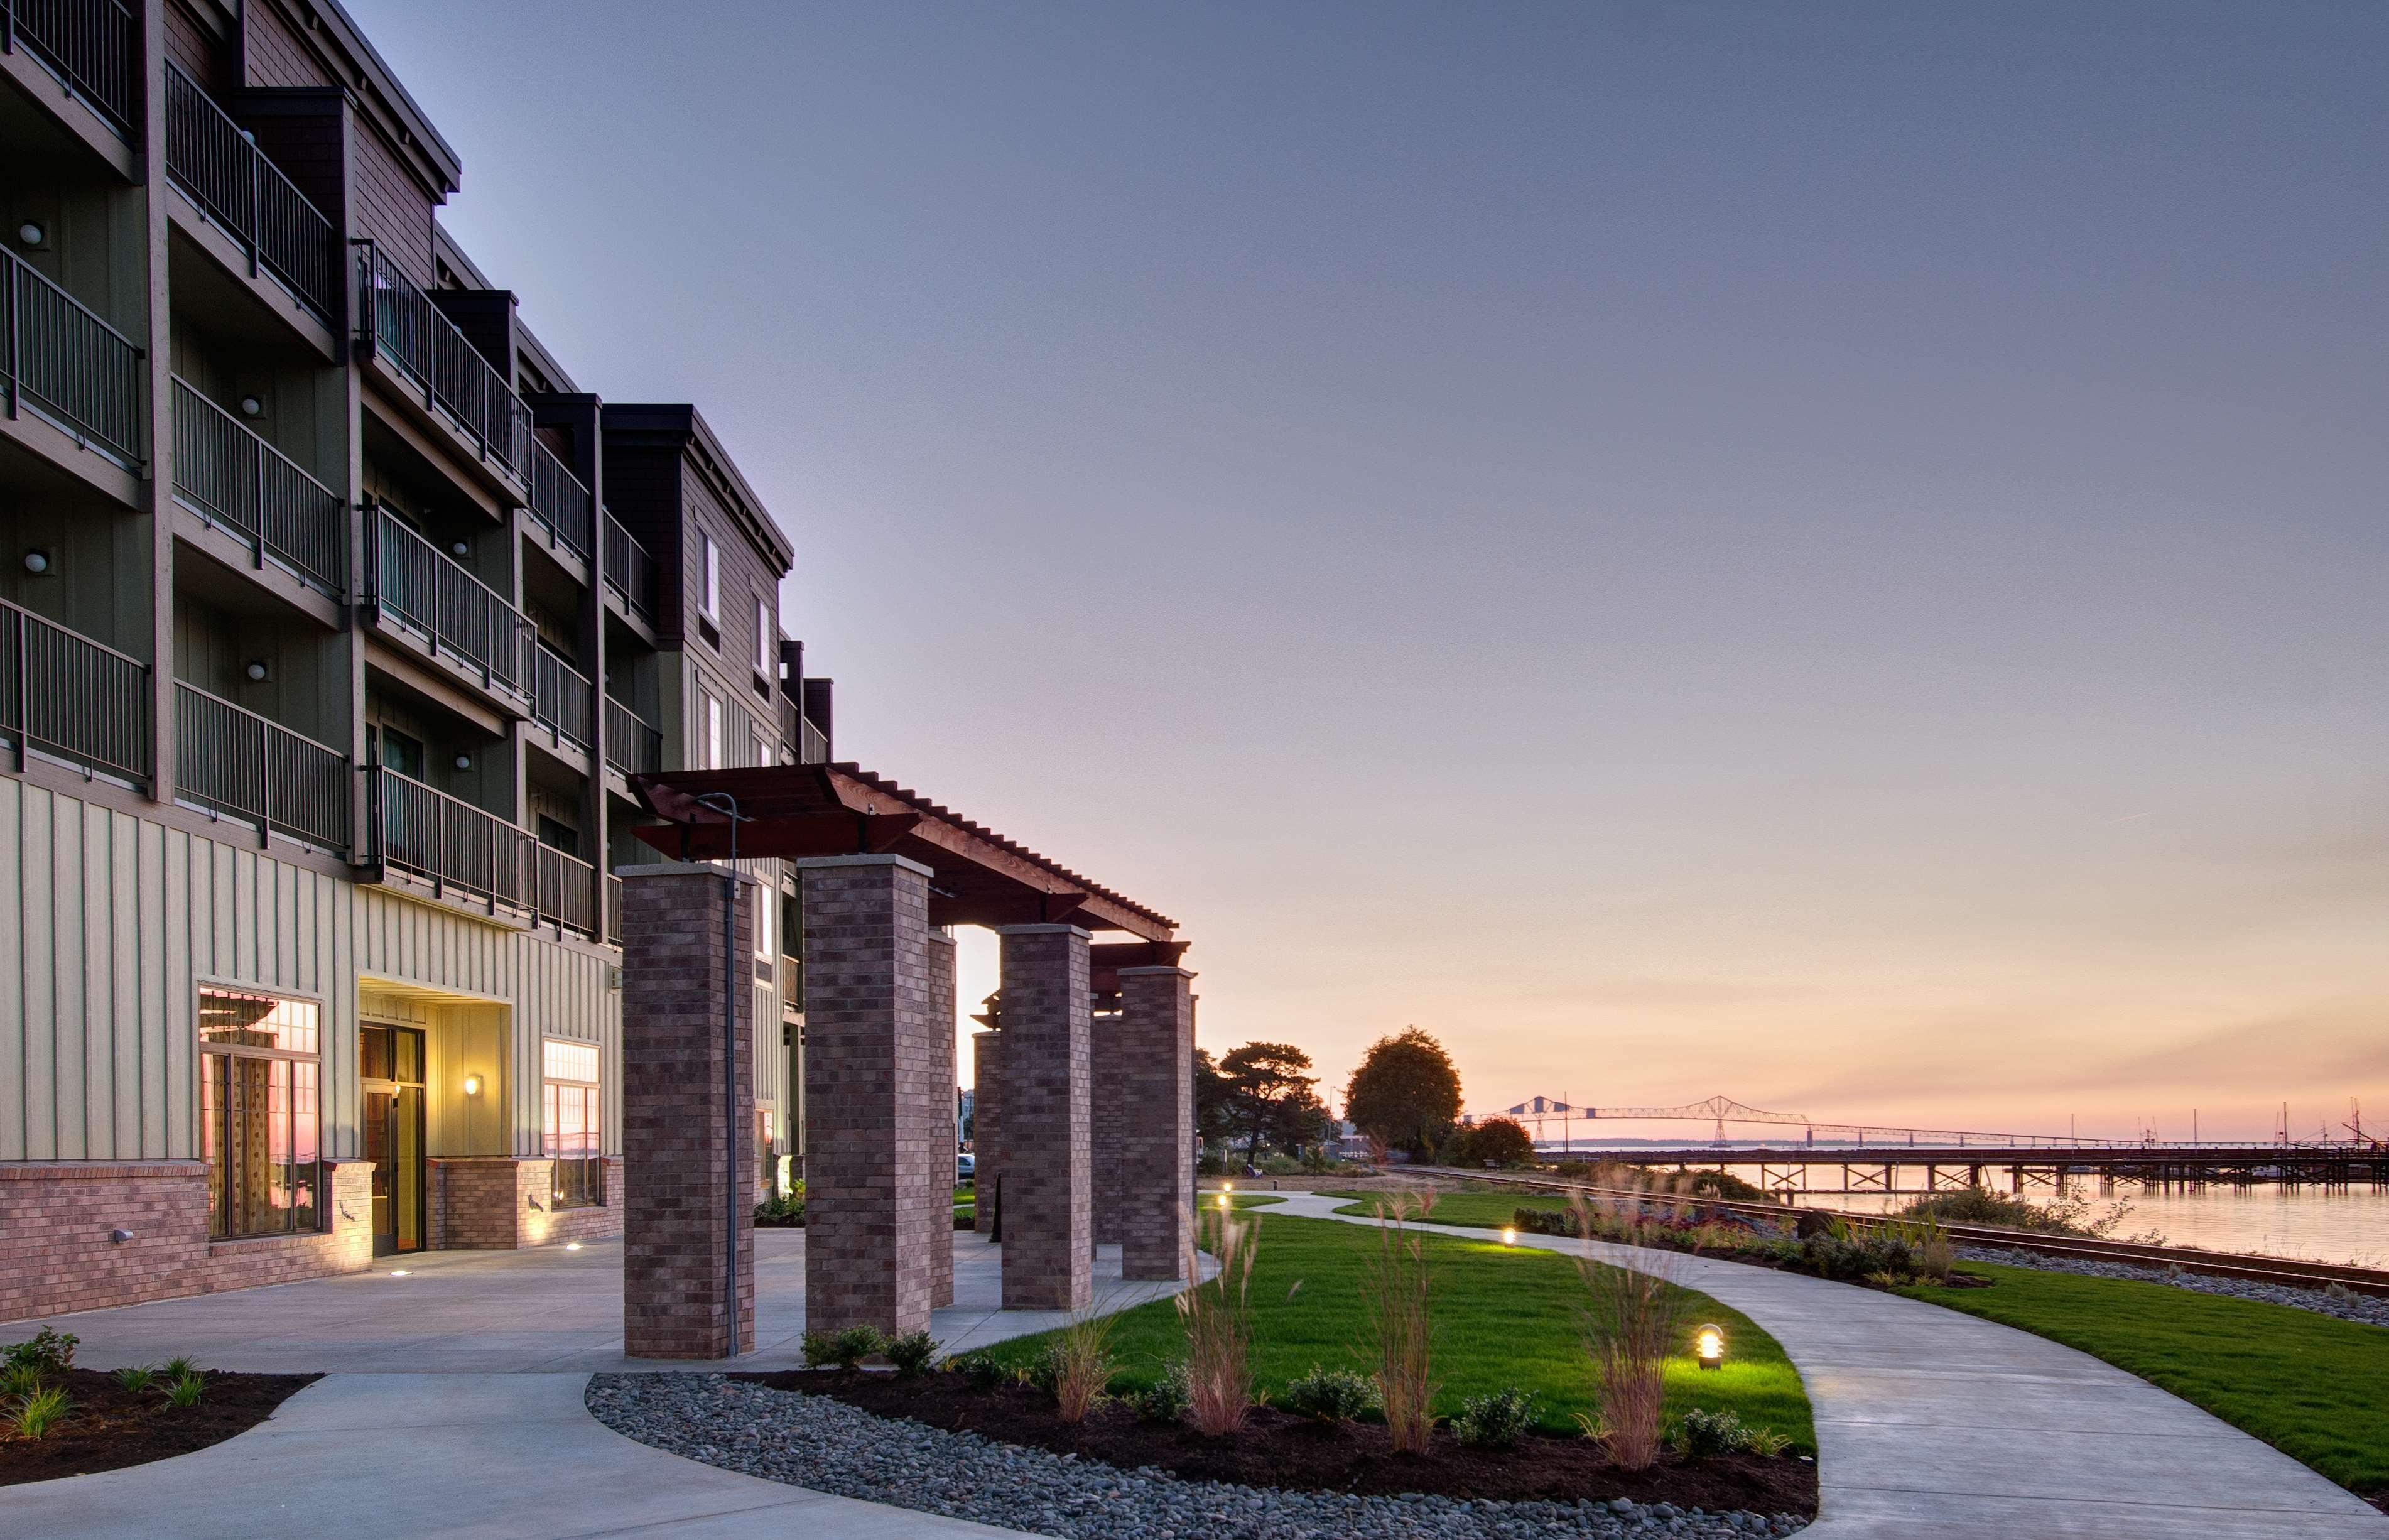 Hampton Inn & Suites Astoria image 1